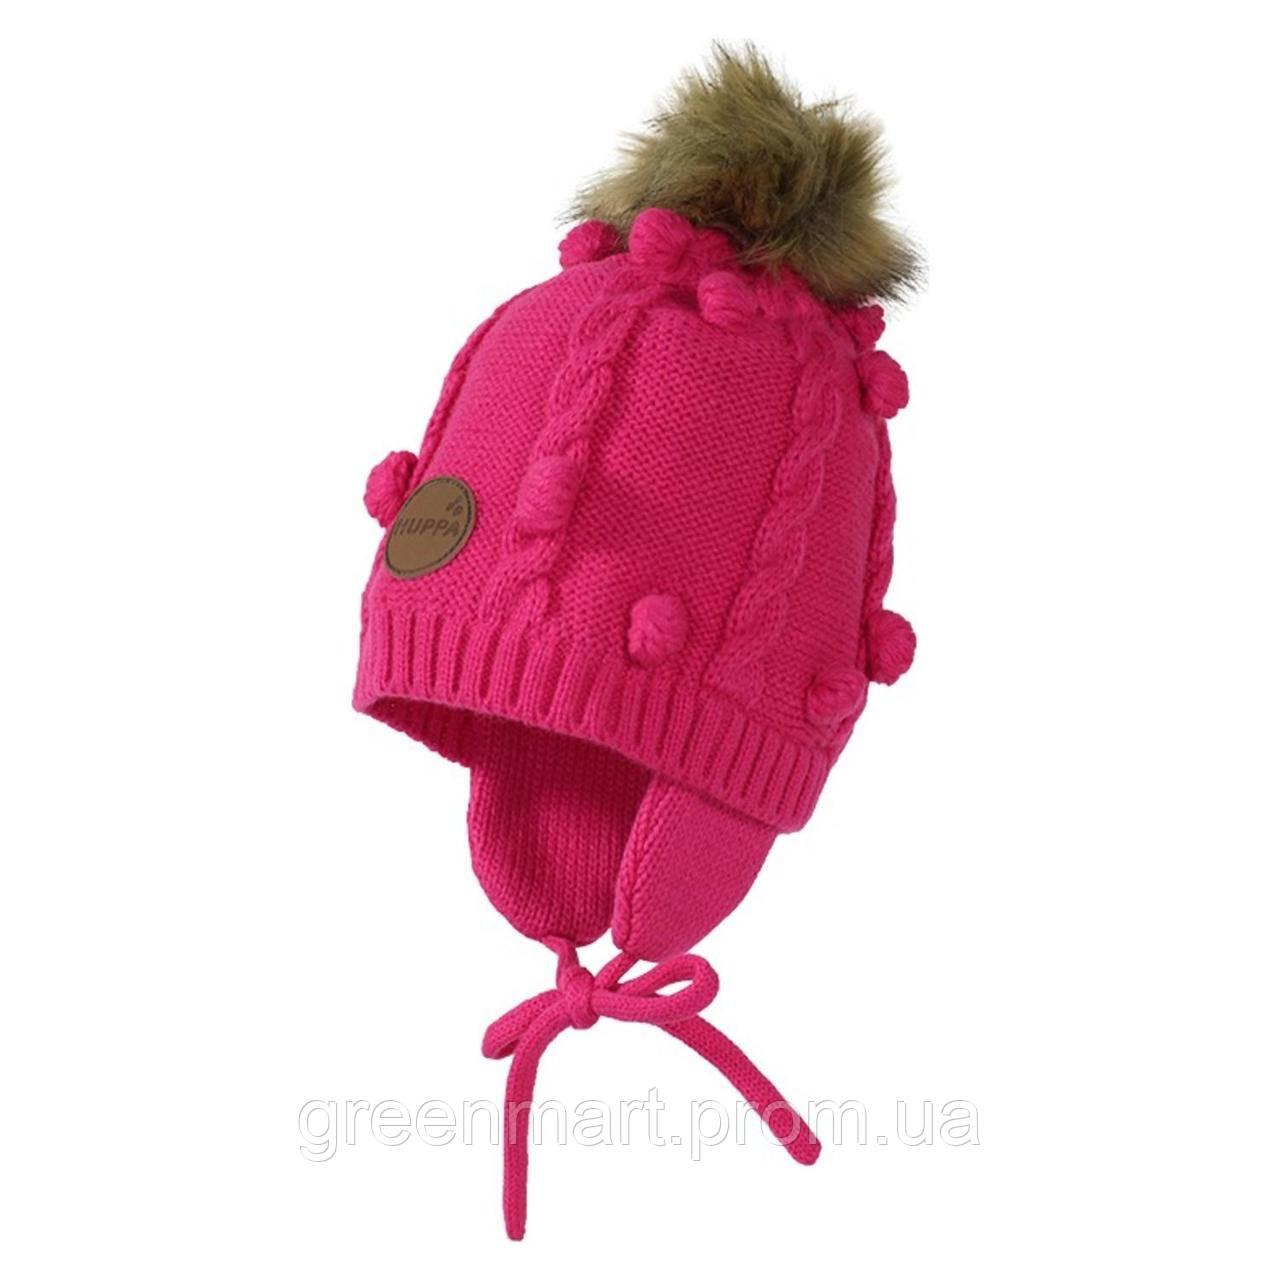 вязаная шапка Macy Fuchsia Huppa продажа цена в киеве шапки от